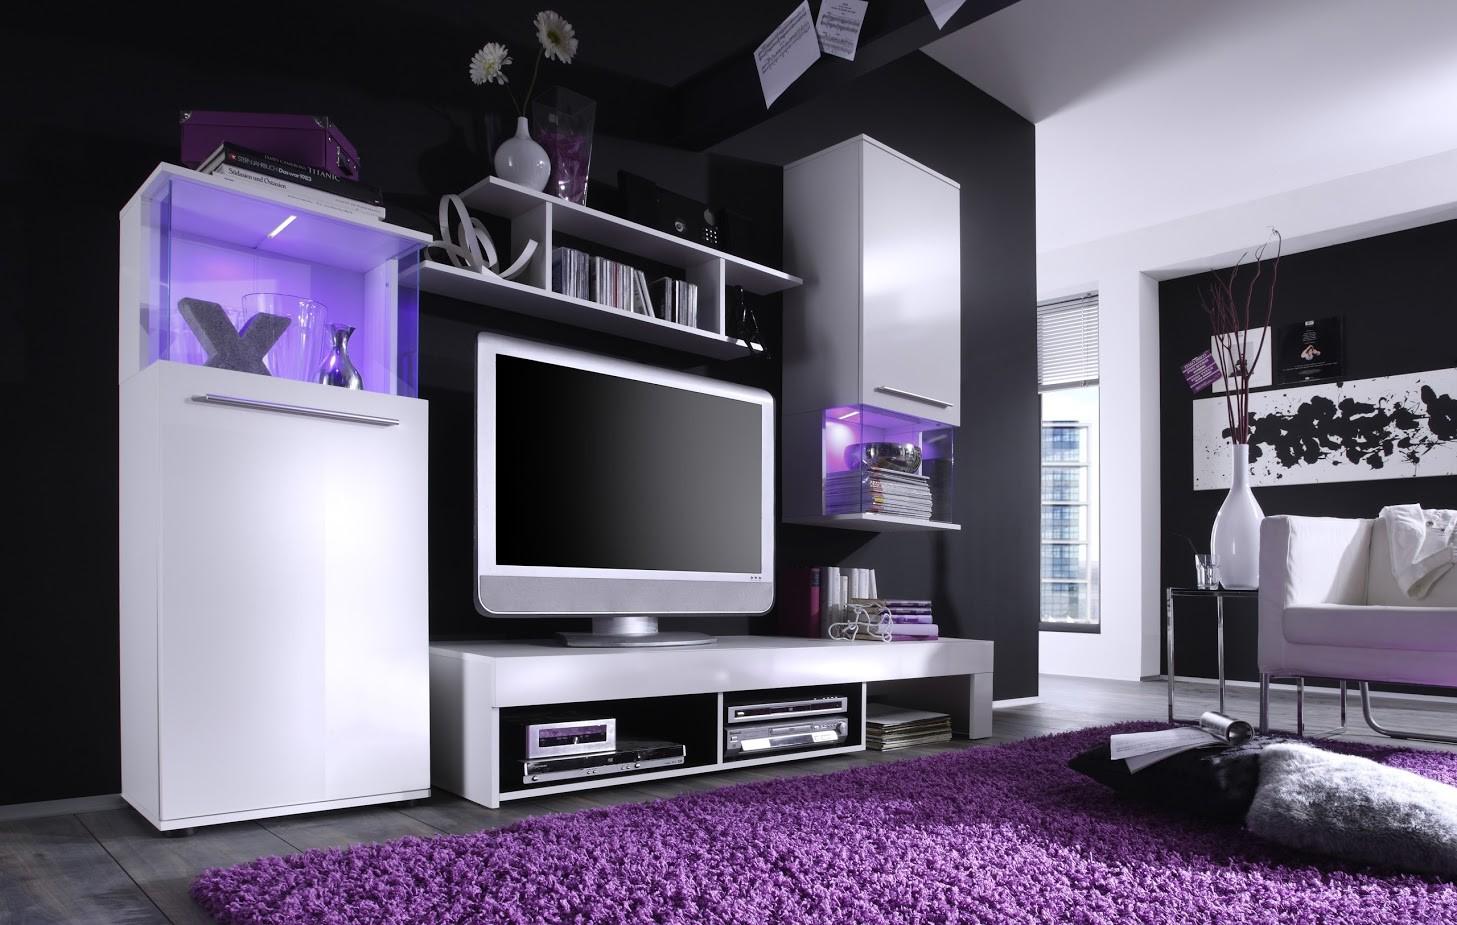 Wohnwand schwarz weiss machen sie den preisvergleich bei for Wohnwand trends